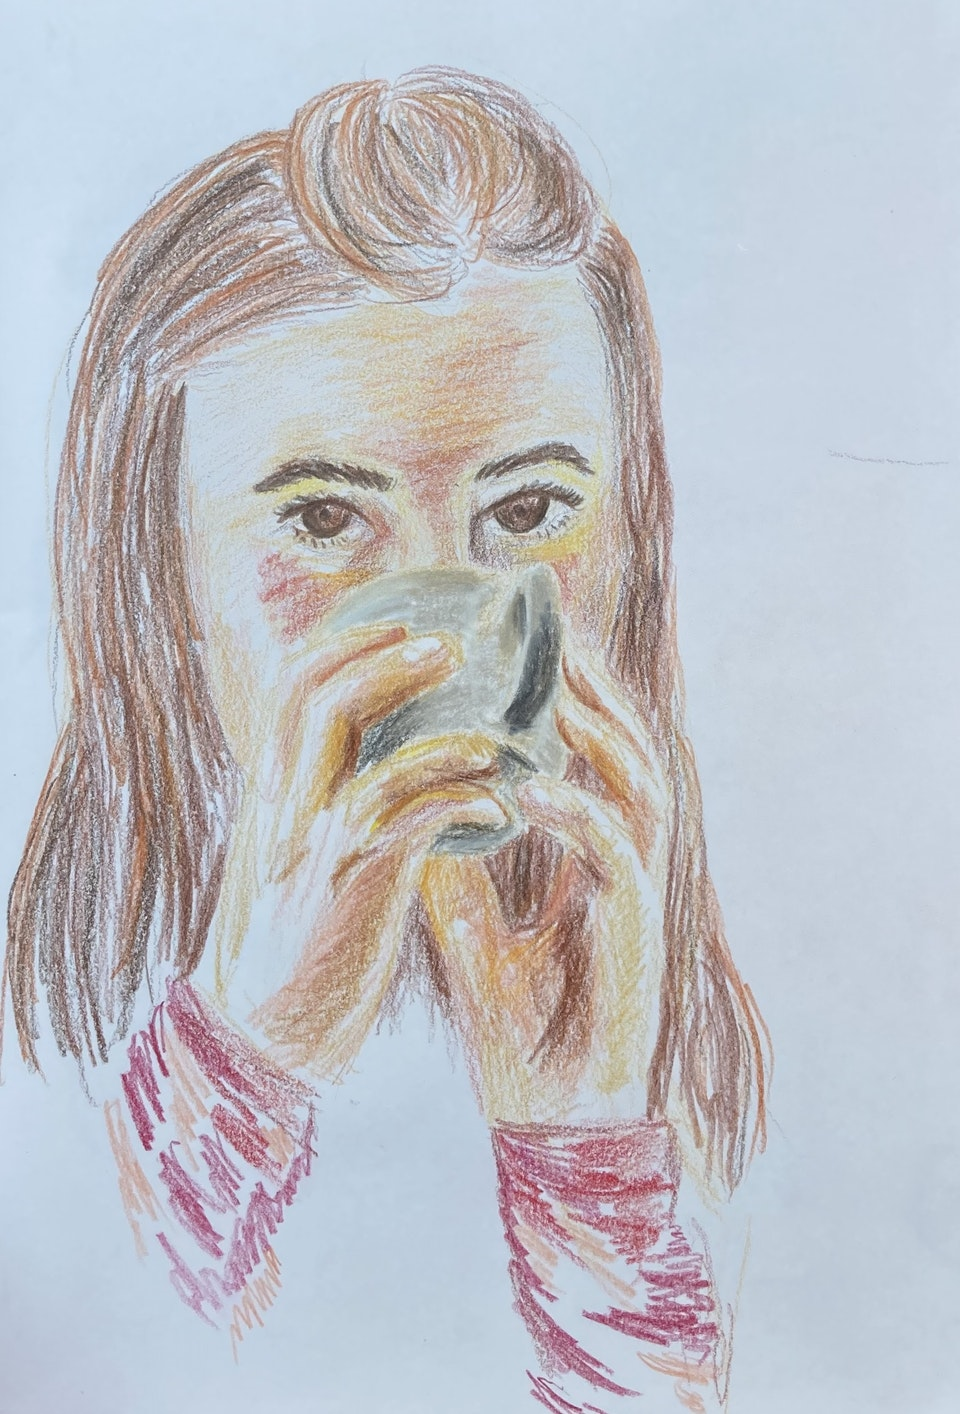 Portraits - Lavinia - 2020 - Colour Pencil on Paper - 15 x 21 cm A5